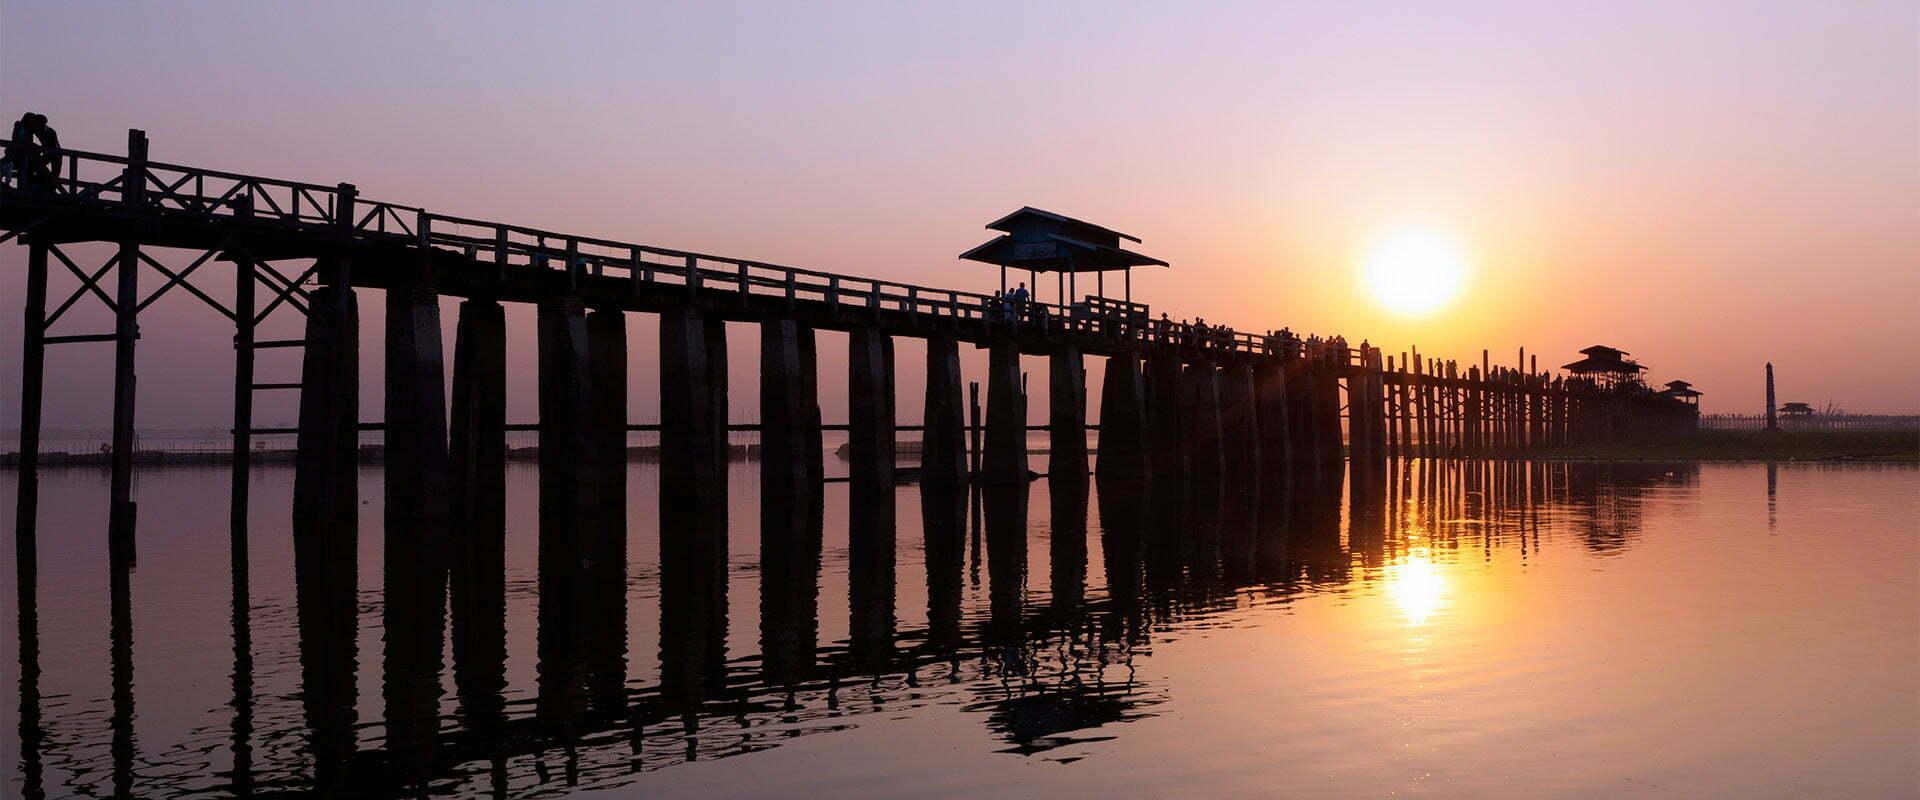 pont en bois sur pilotis à Mandalay Birmanie